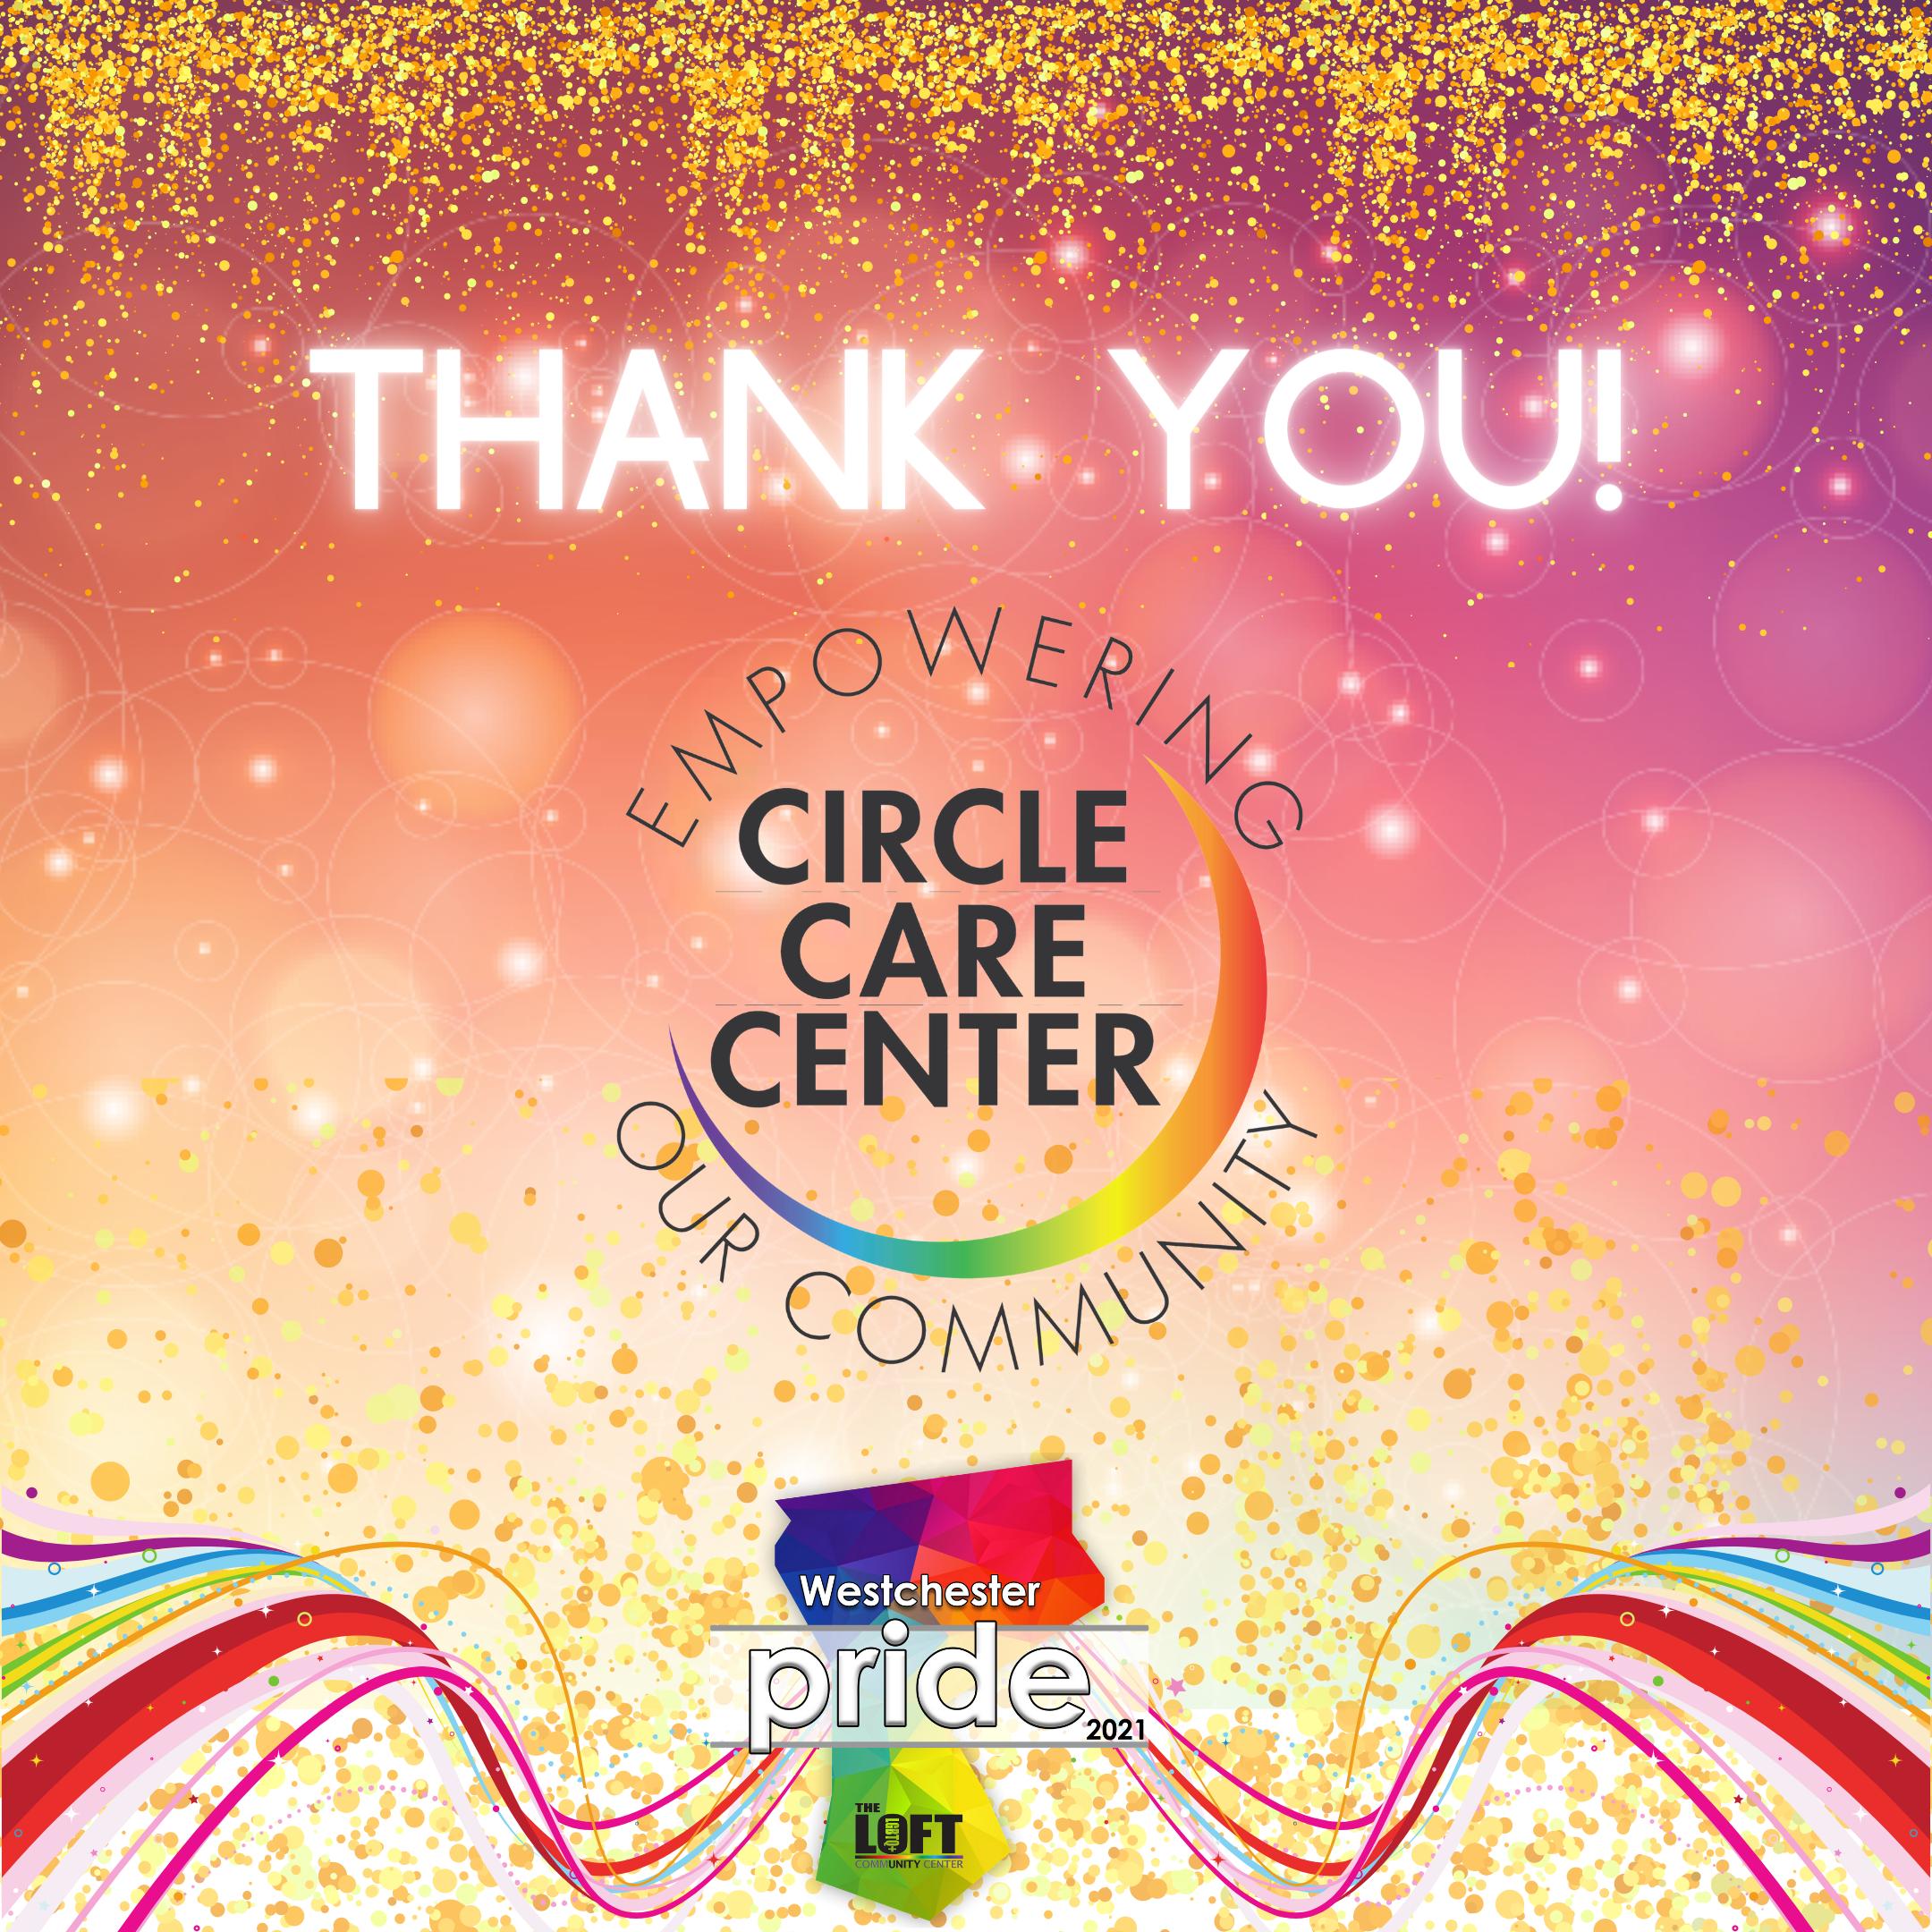 Thank You Circle Care Center